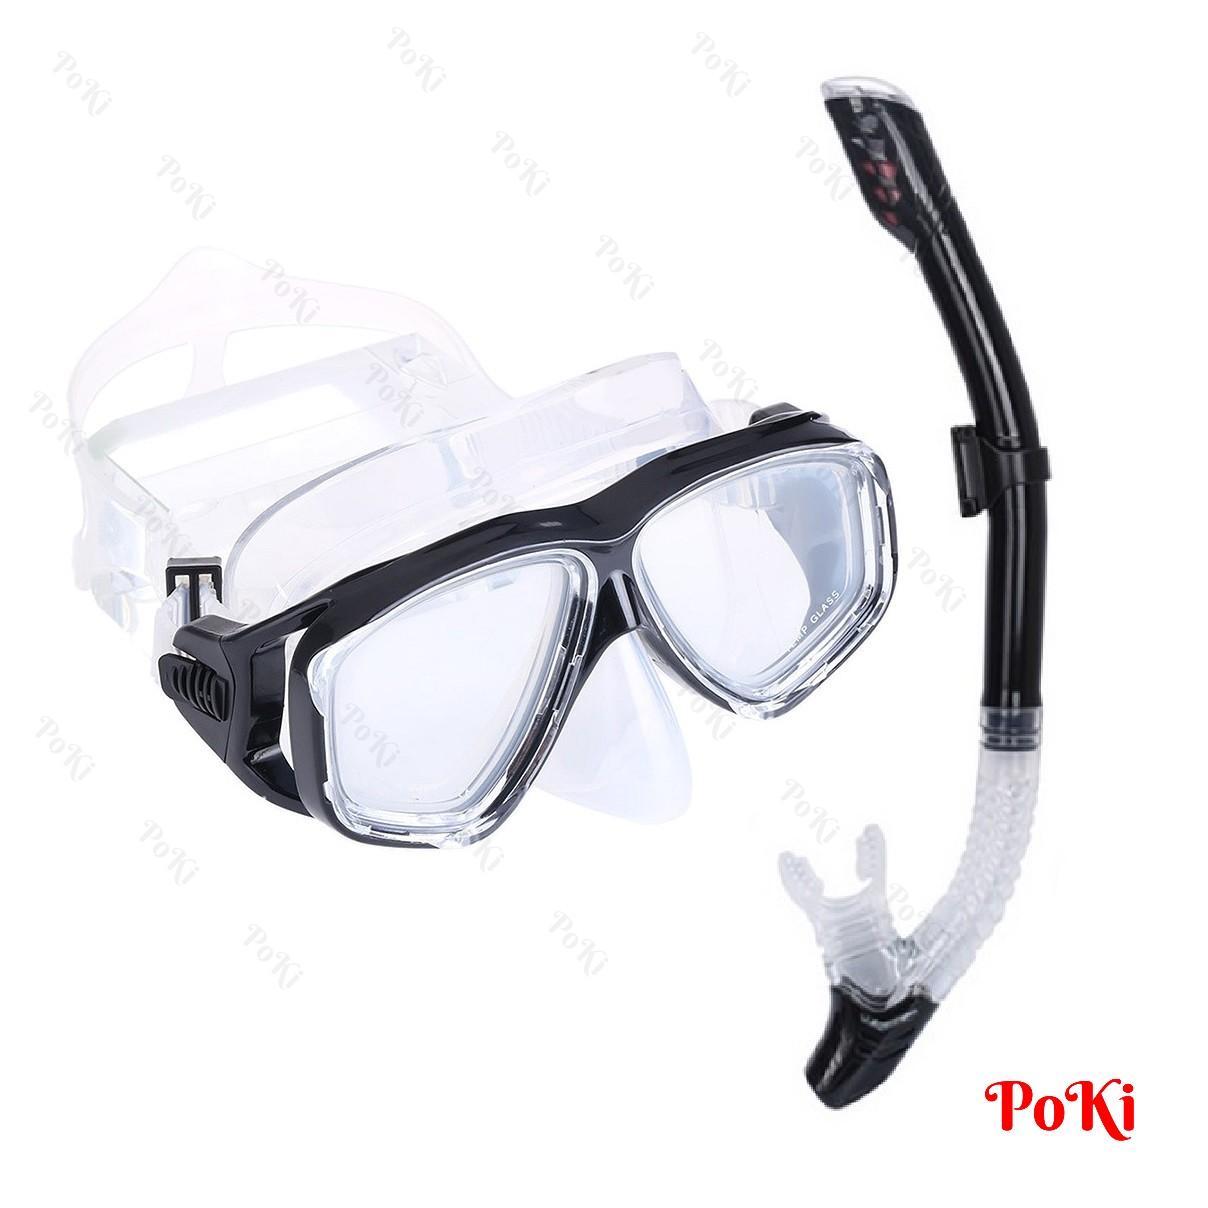 Bộ kính lặn Ống thở S301 - mắt KÍNH CƯỜNG LỰC, ống thở van 1 chiều ngăn nước, đồ thể thao chuyên dụng cao cấp - POKI